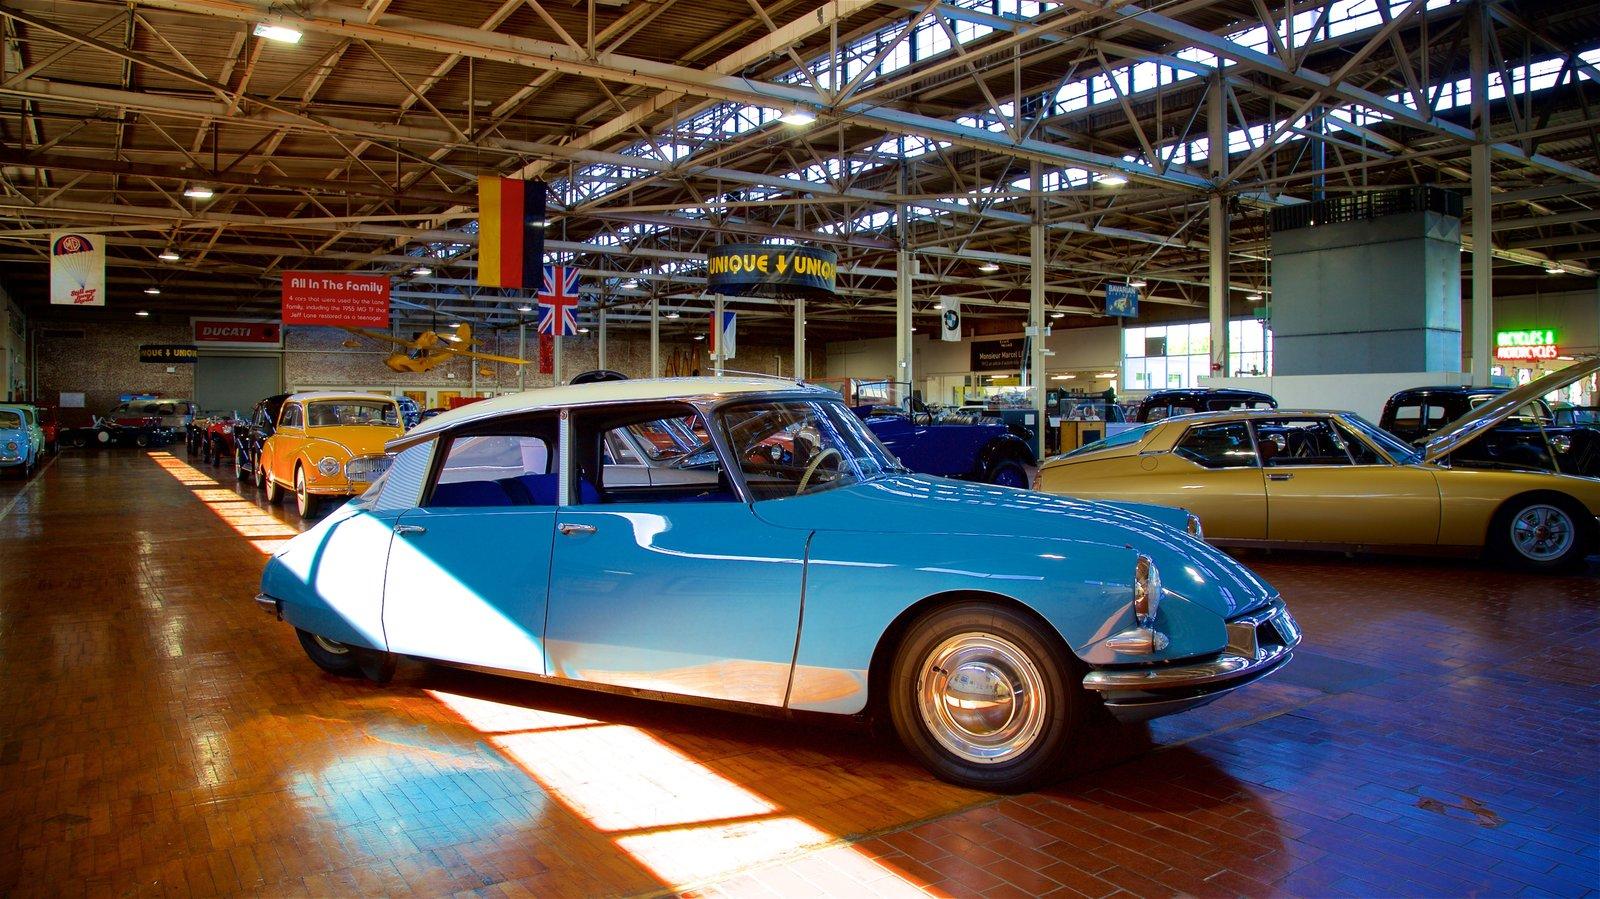 Lane Motor Museum que incluye vistas interiores